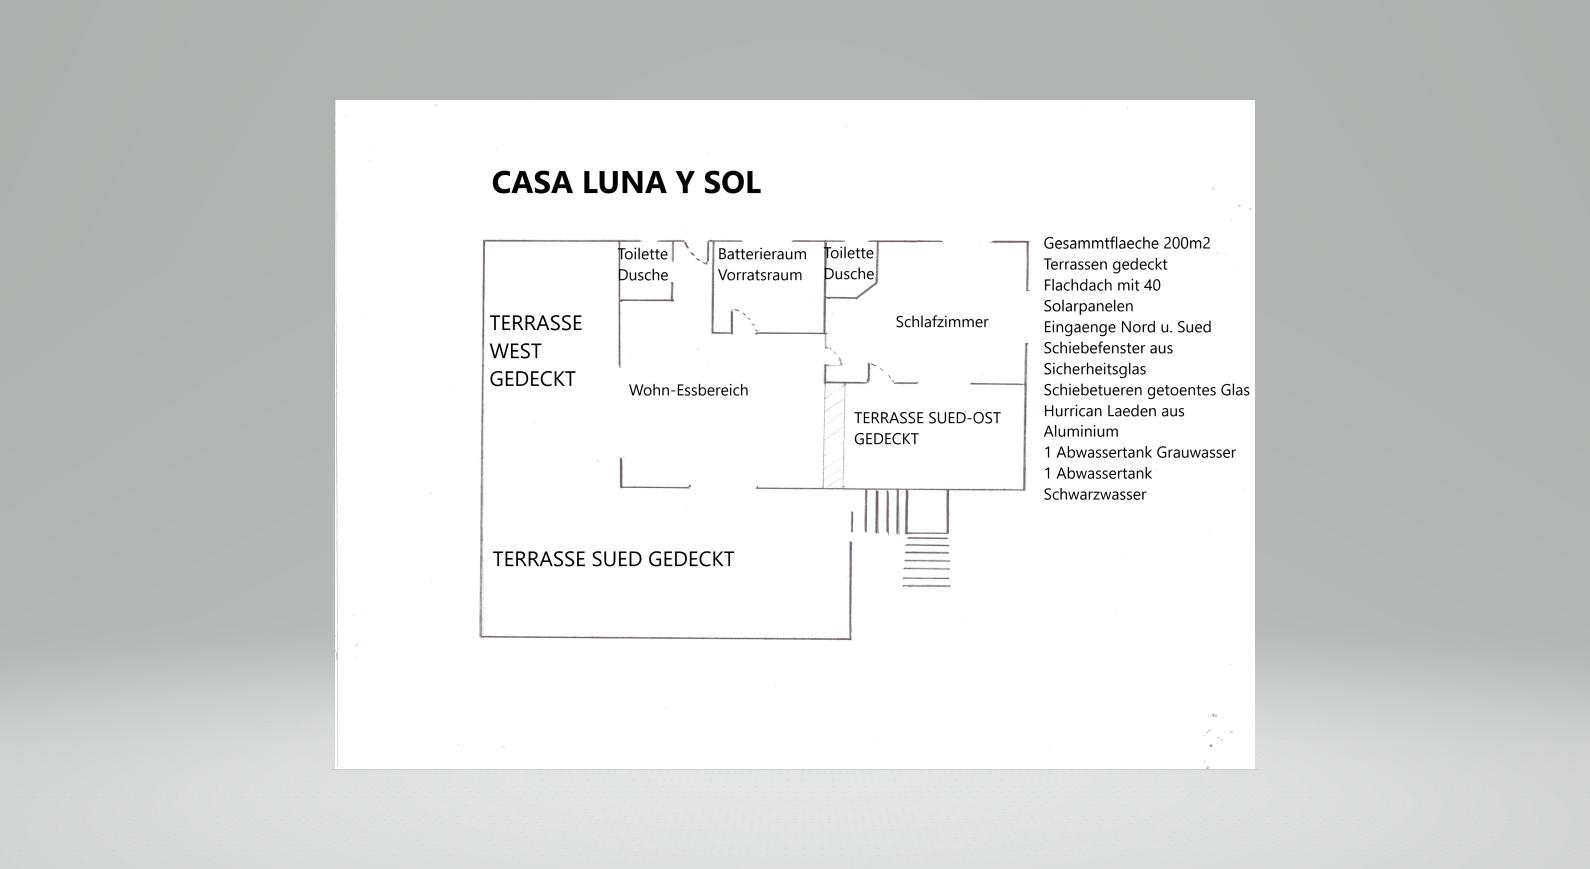 PLAN CASA LUNA Y SOL (1)